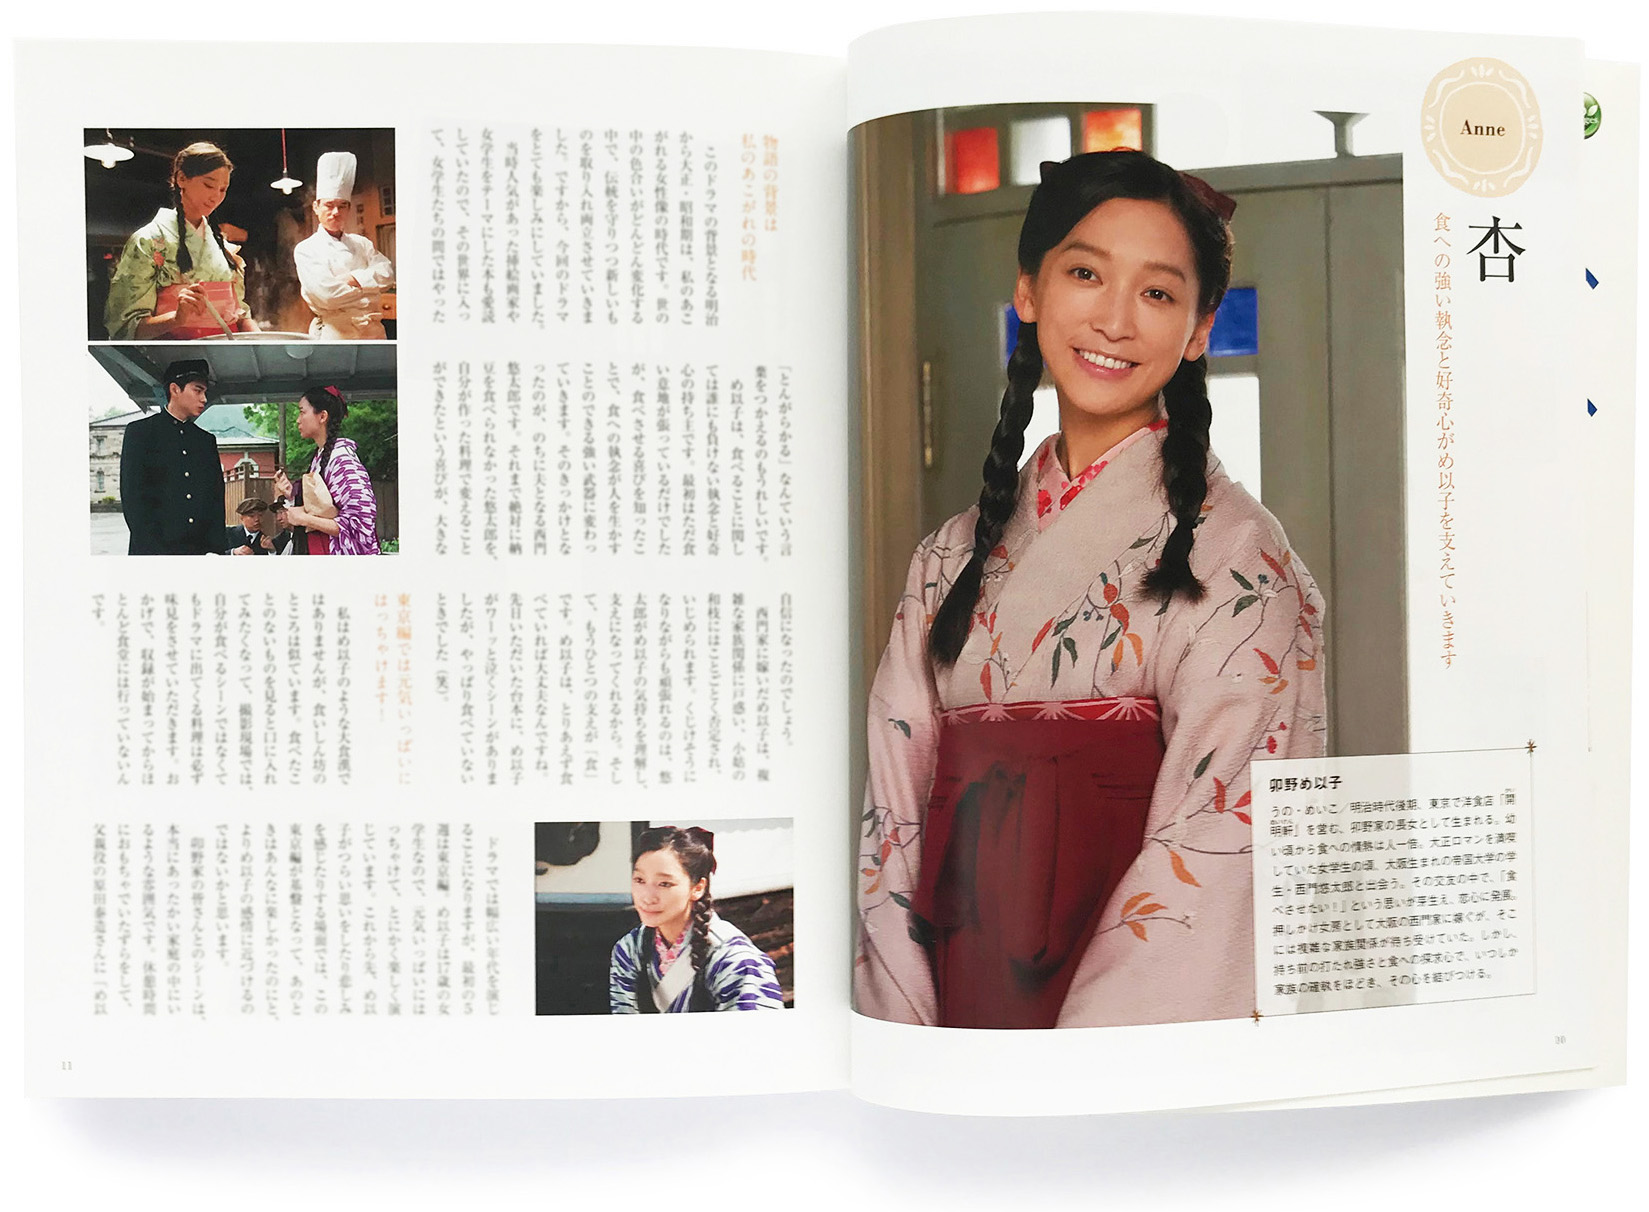 NHKドラマ・ガイド『連続テレビ小説 ごちそうさん』